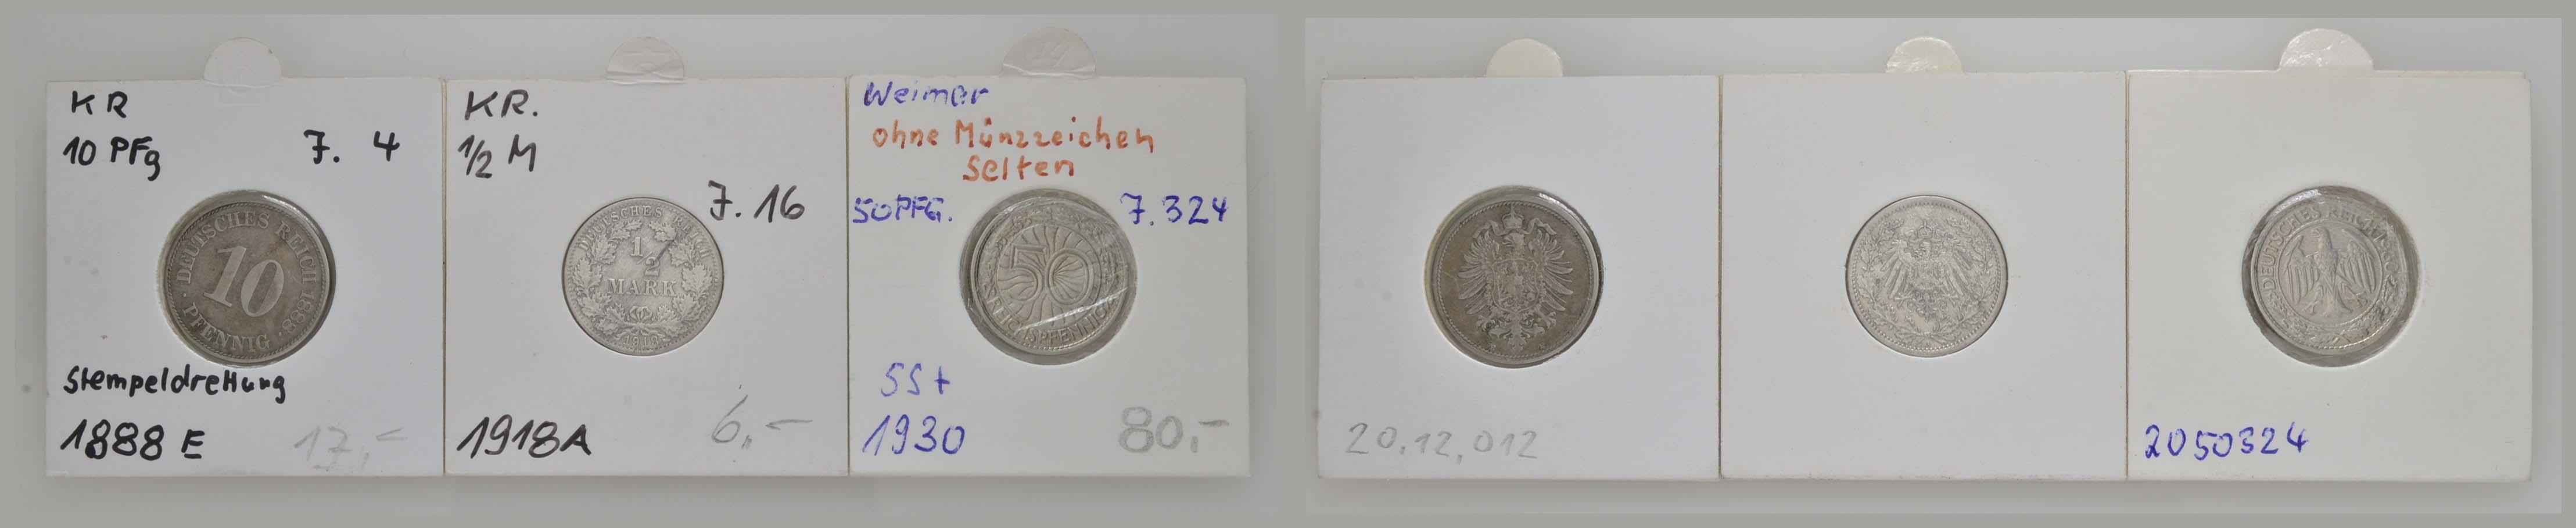 Lot 445 - deutschland Allgemein -  Auktionshaus Ulrich Felzmann GmbH & Co. KG Coins single lots